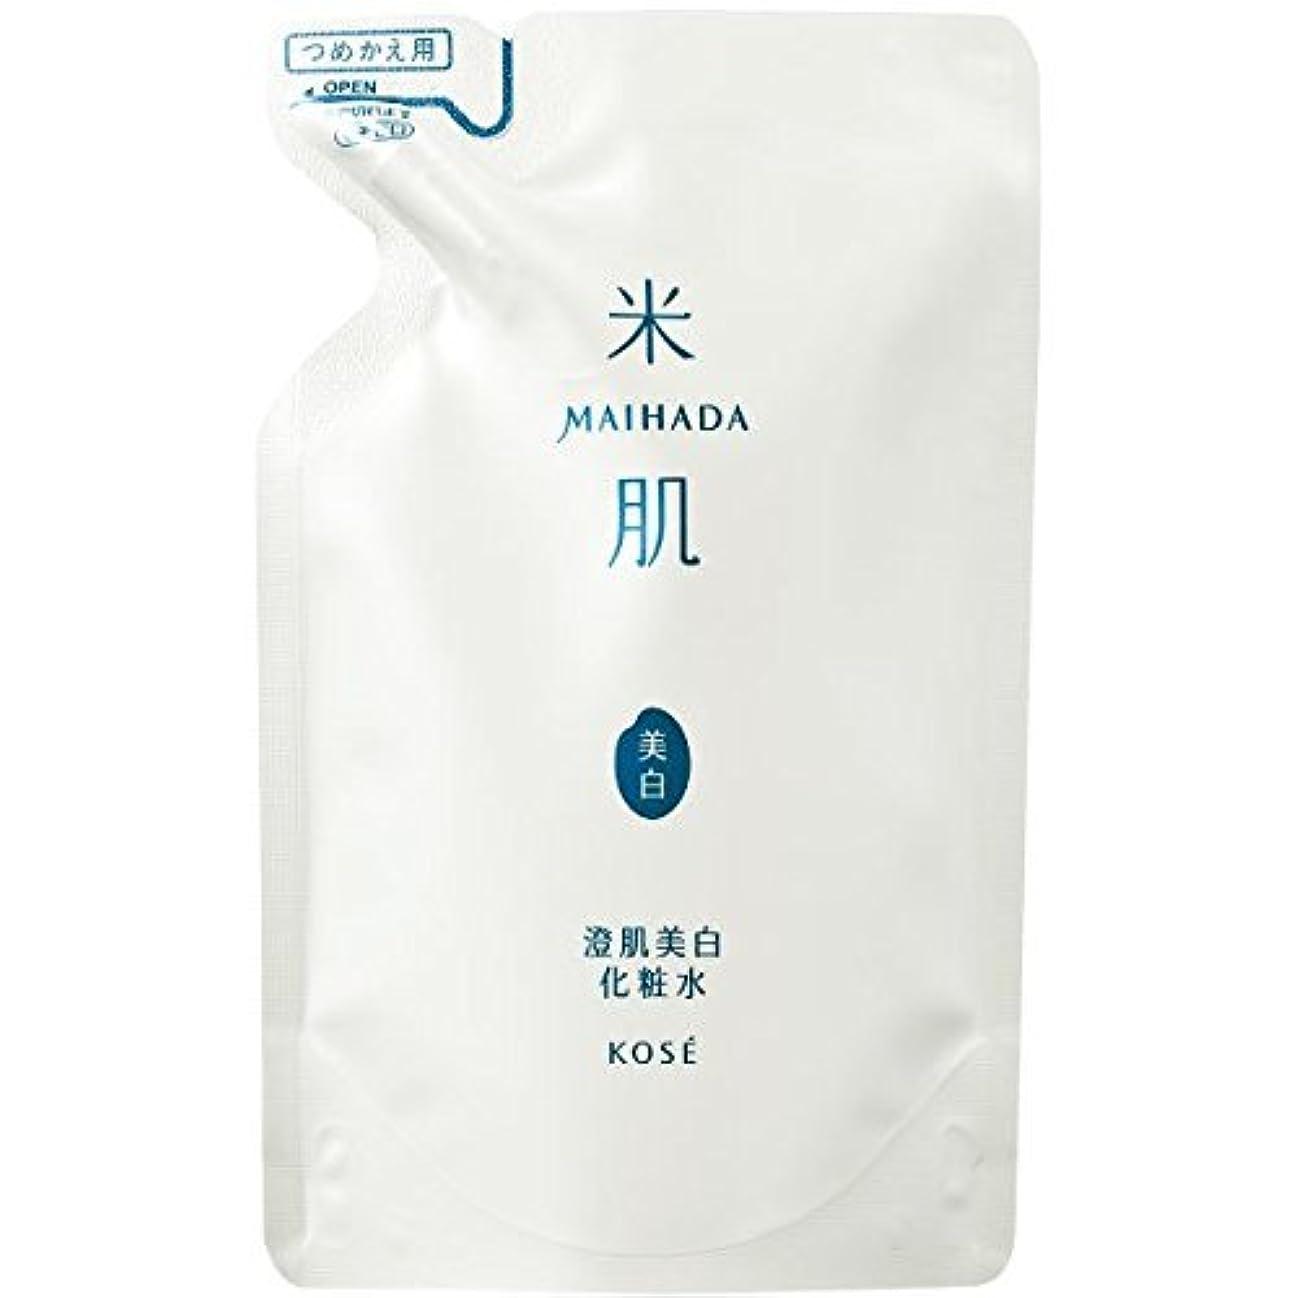 ゴージャスアンプレタス米肌 澄肌美白化粧水 つめかえ用